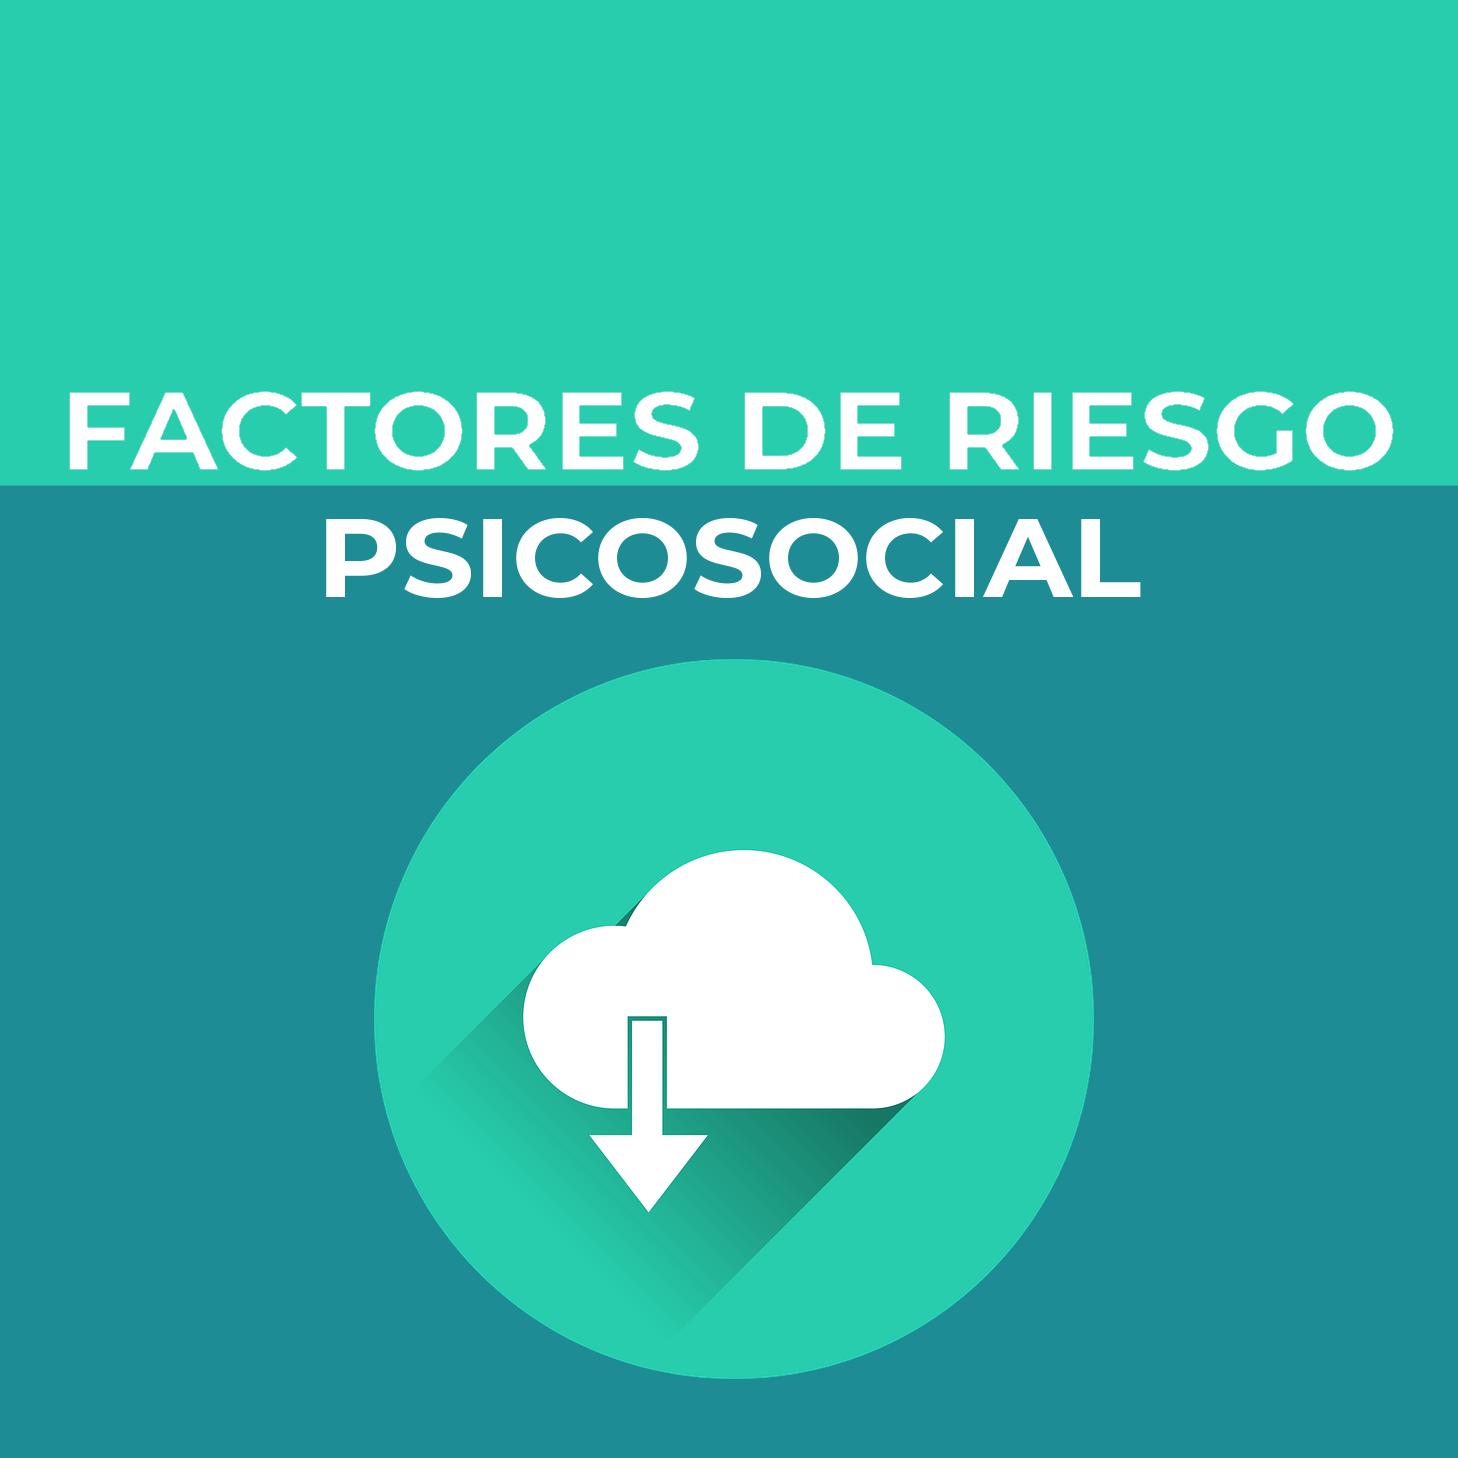 Infografía factores de riesgo psicosocial